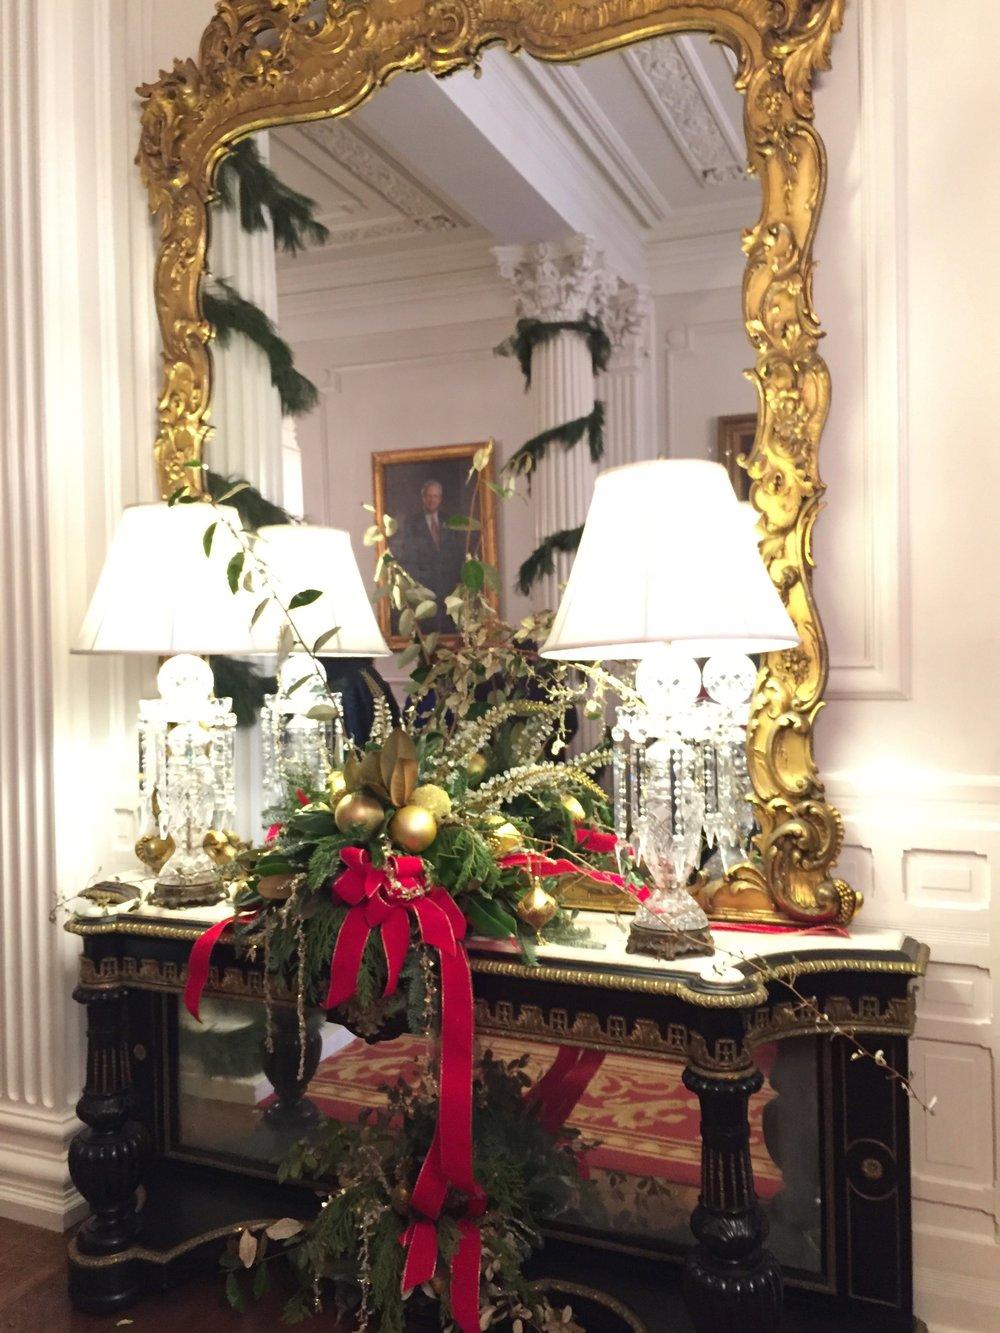 Christmas decor, Governor's Mansion, Raleigh, NC